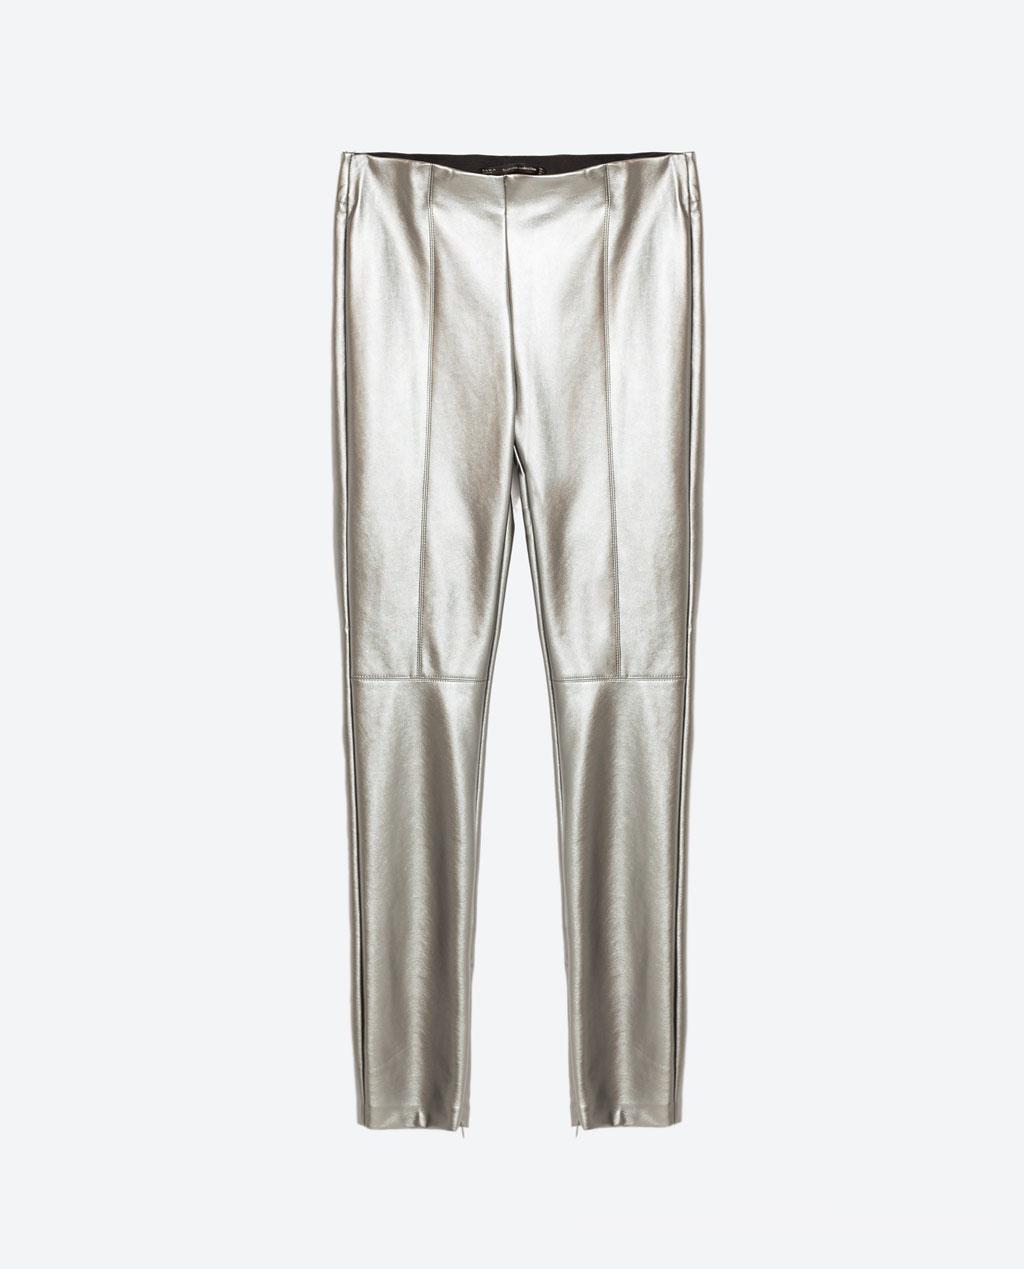 http://www.zara.com/us/en/sale/woman/trousers/leggings/high-waist-leggings-c541546p3908012.html